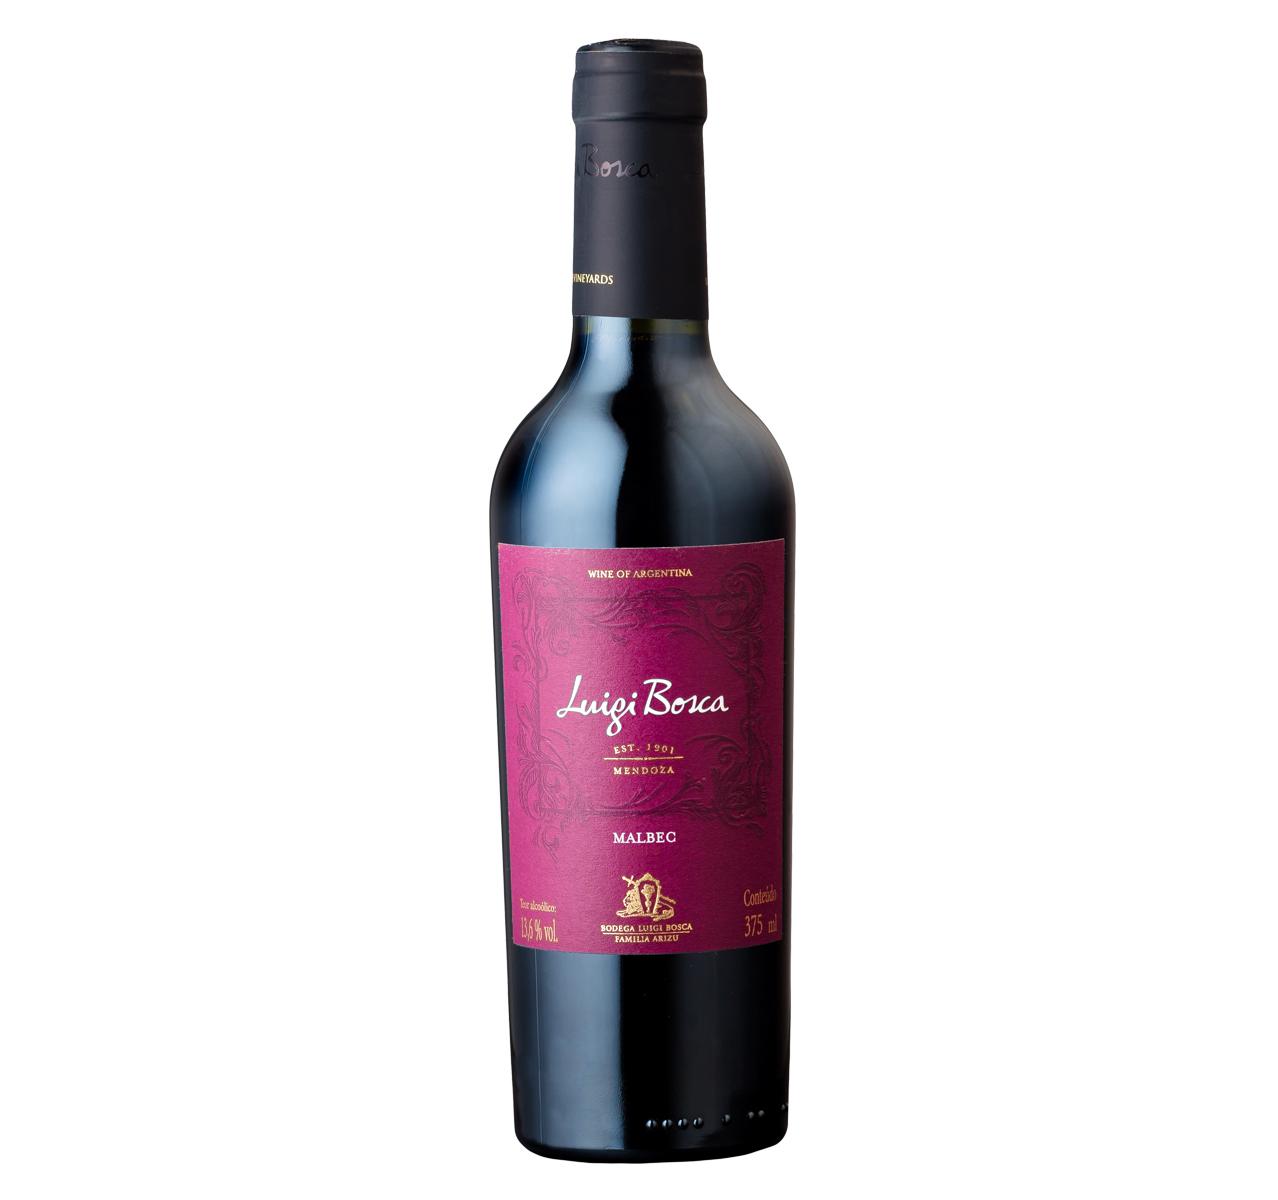 Vinho Tinto Luigi Bosca Malbec 375ml